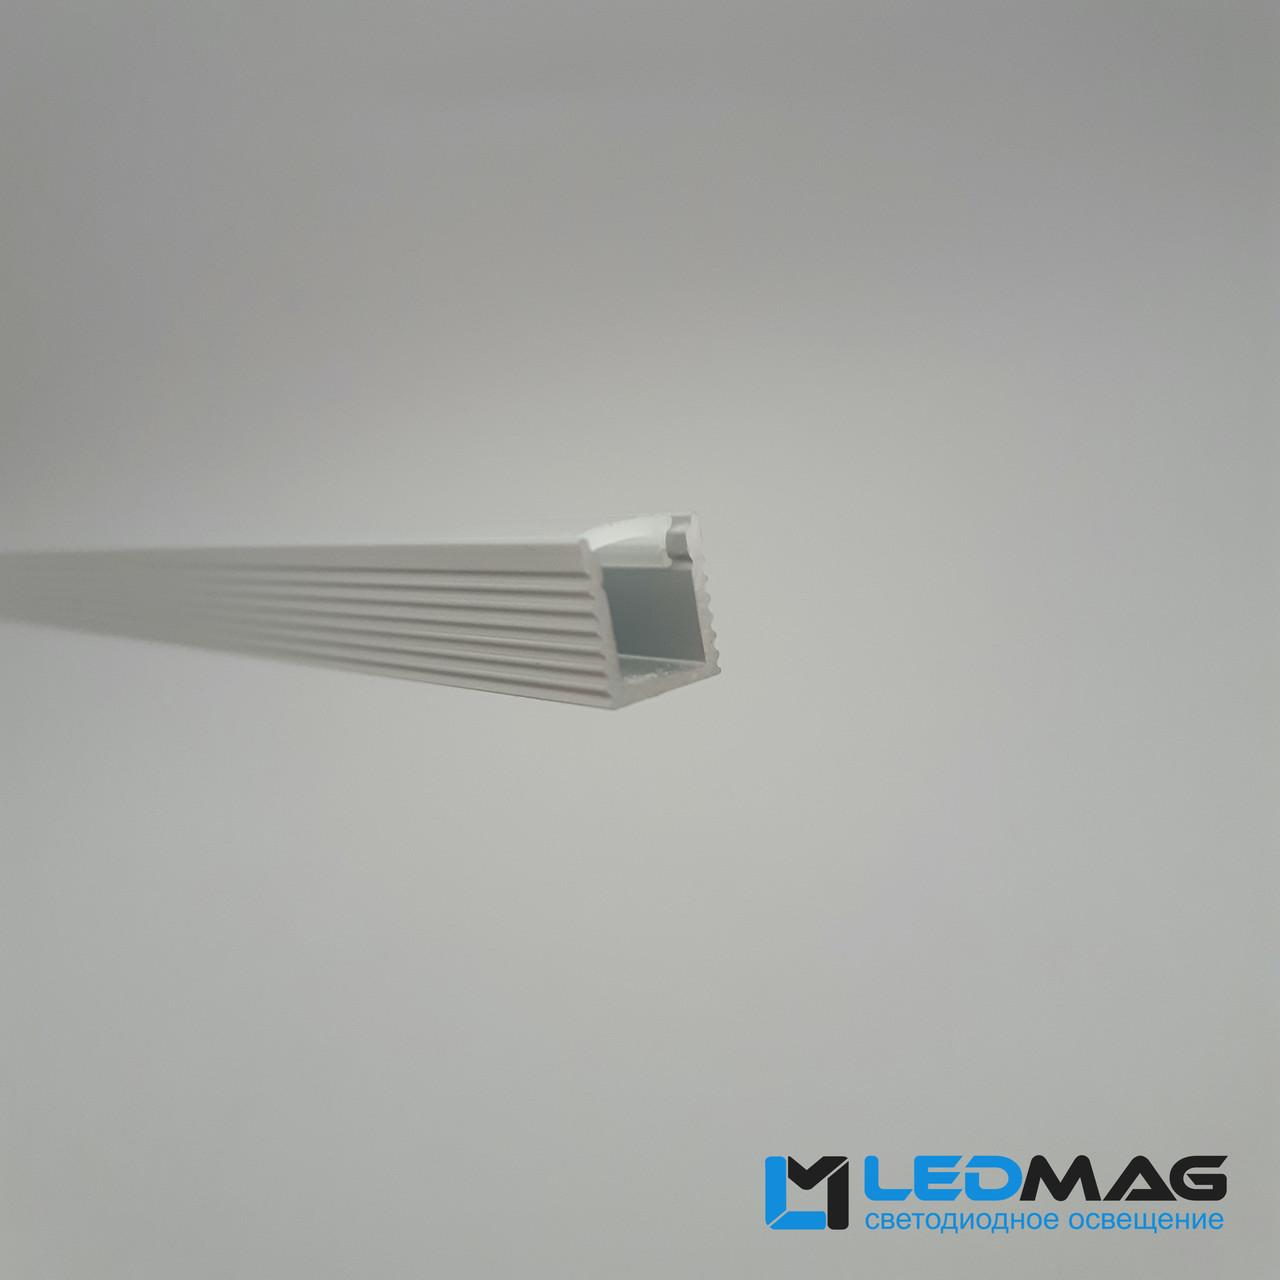 Светодиодный профиль узкий + крышка для LED ленты накладной 8,5х7,5 мм